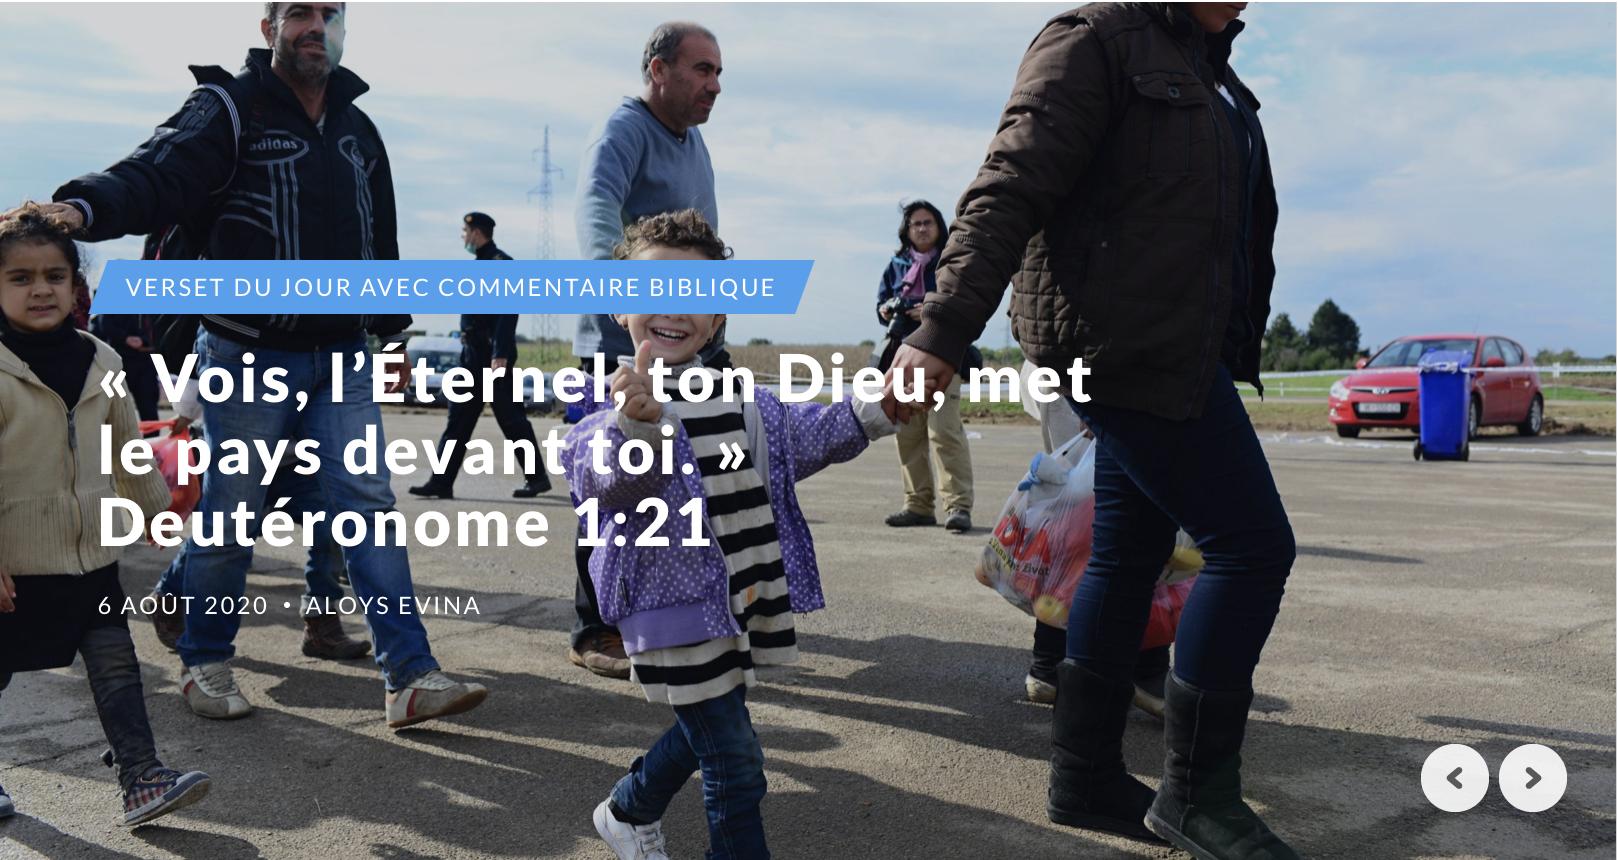 """""""Vois, l'Éternel, ton Dieu, met le pays devant toi."""" Deutéronome 1:21"""